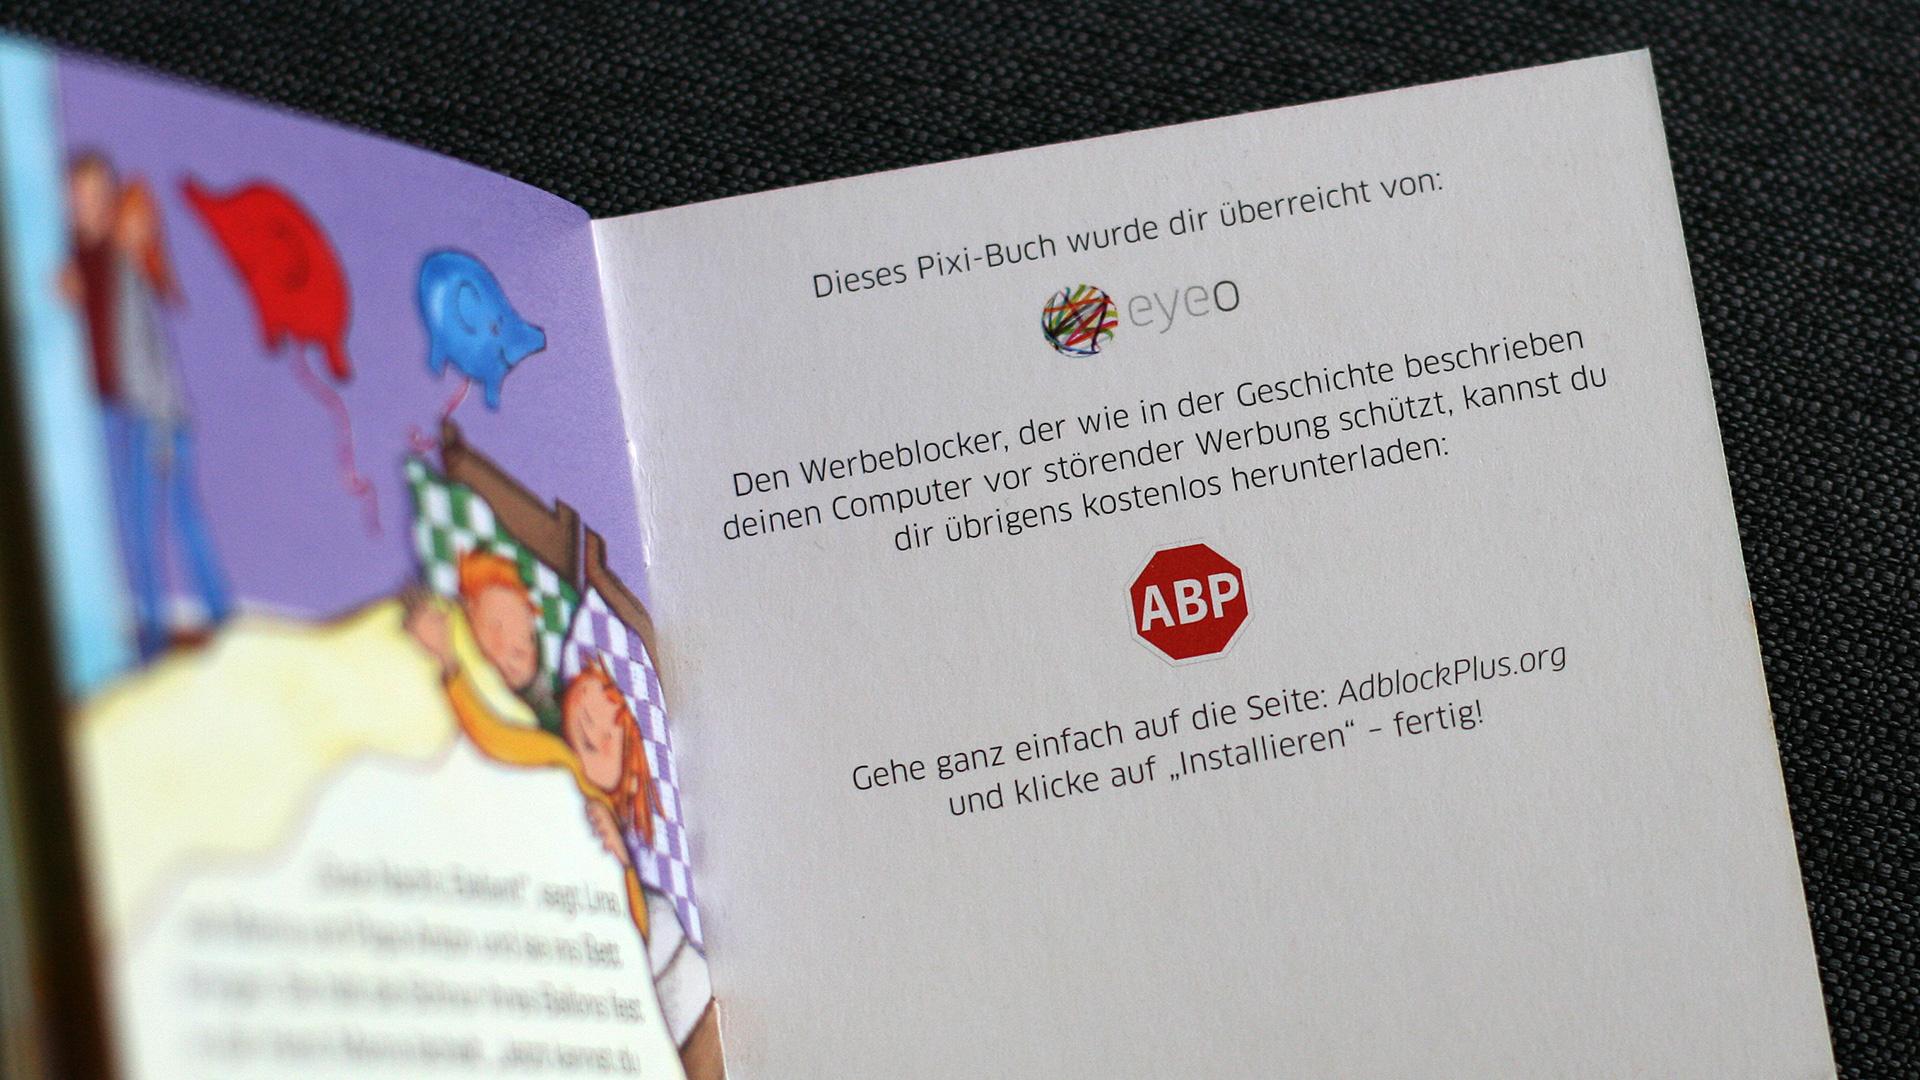 Pixi-Buch